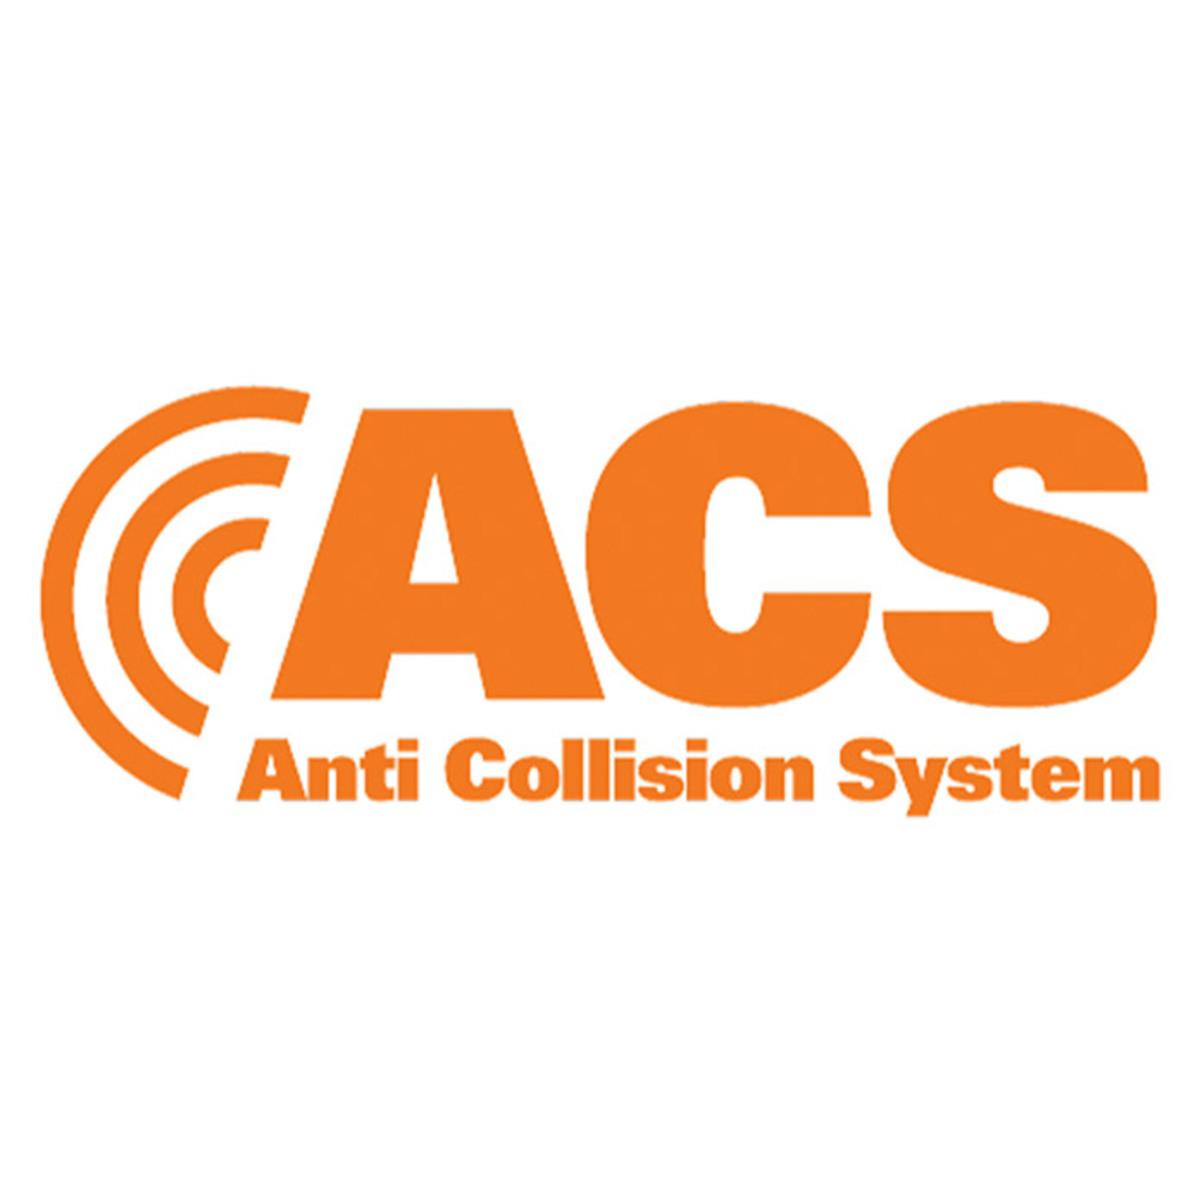 Bild 4 von Worx Landroid Kollisionssensor Anti-Collision-System